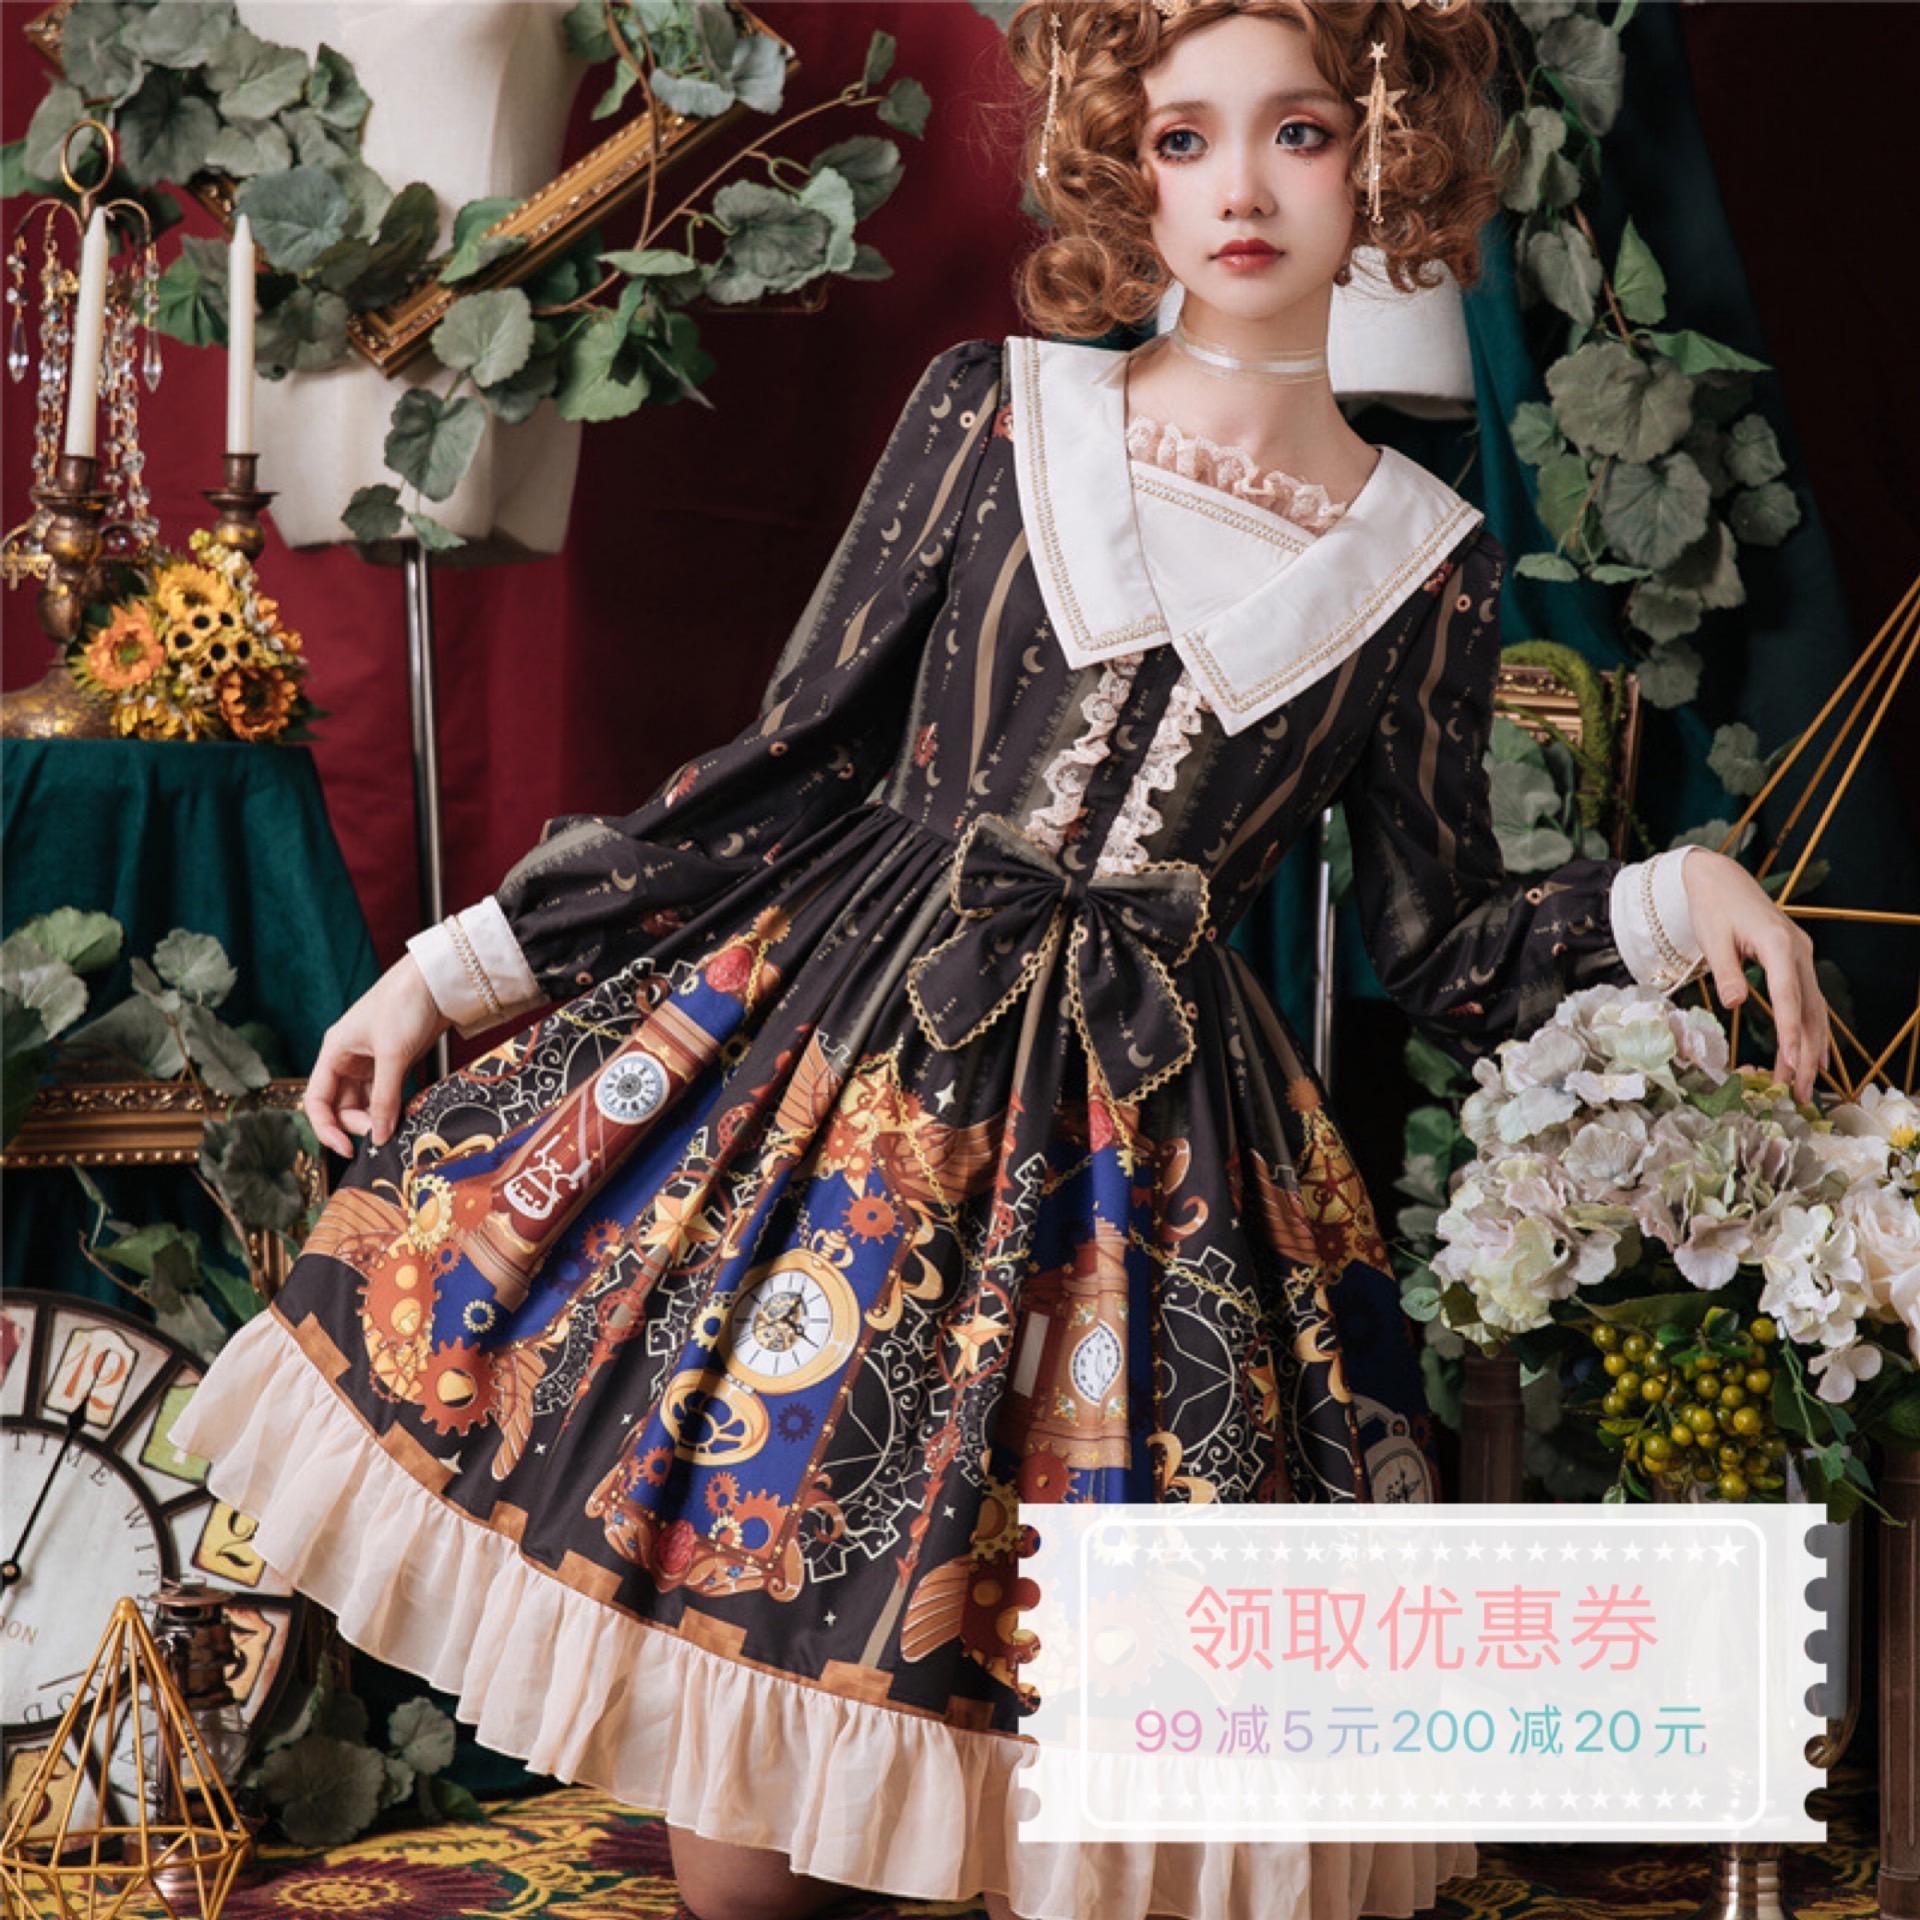 织锦园 时械之心 原创Lolita长袖OP连衣裙复古洛丽塔国牌